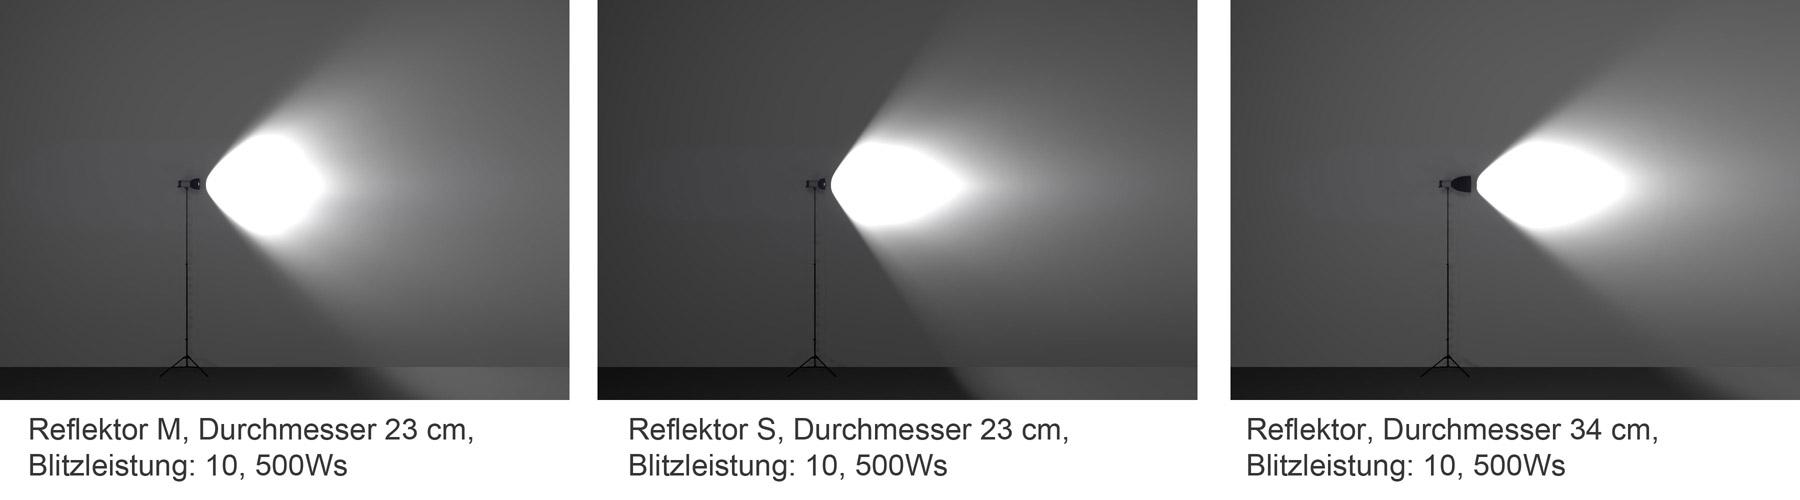 reflektoren-gesamt_v2